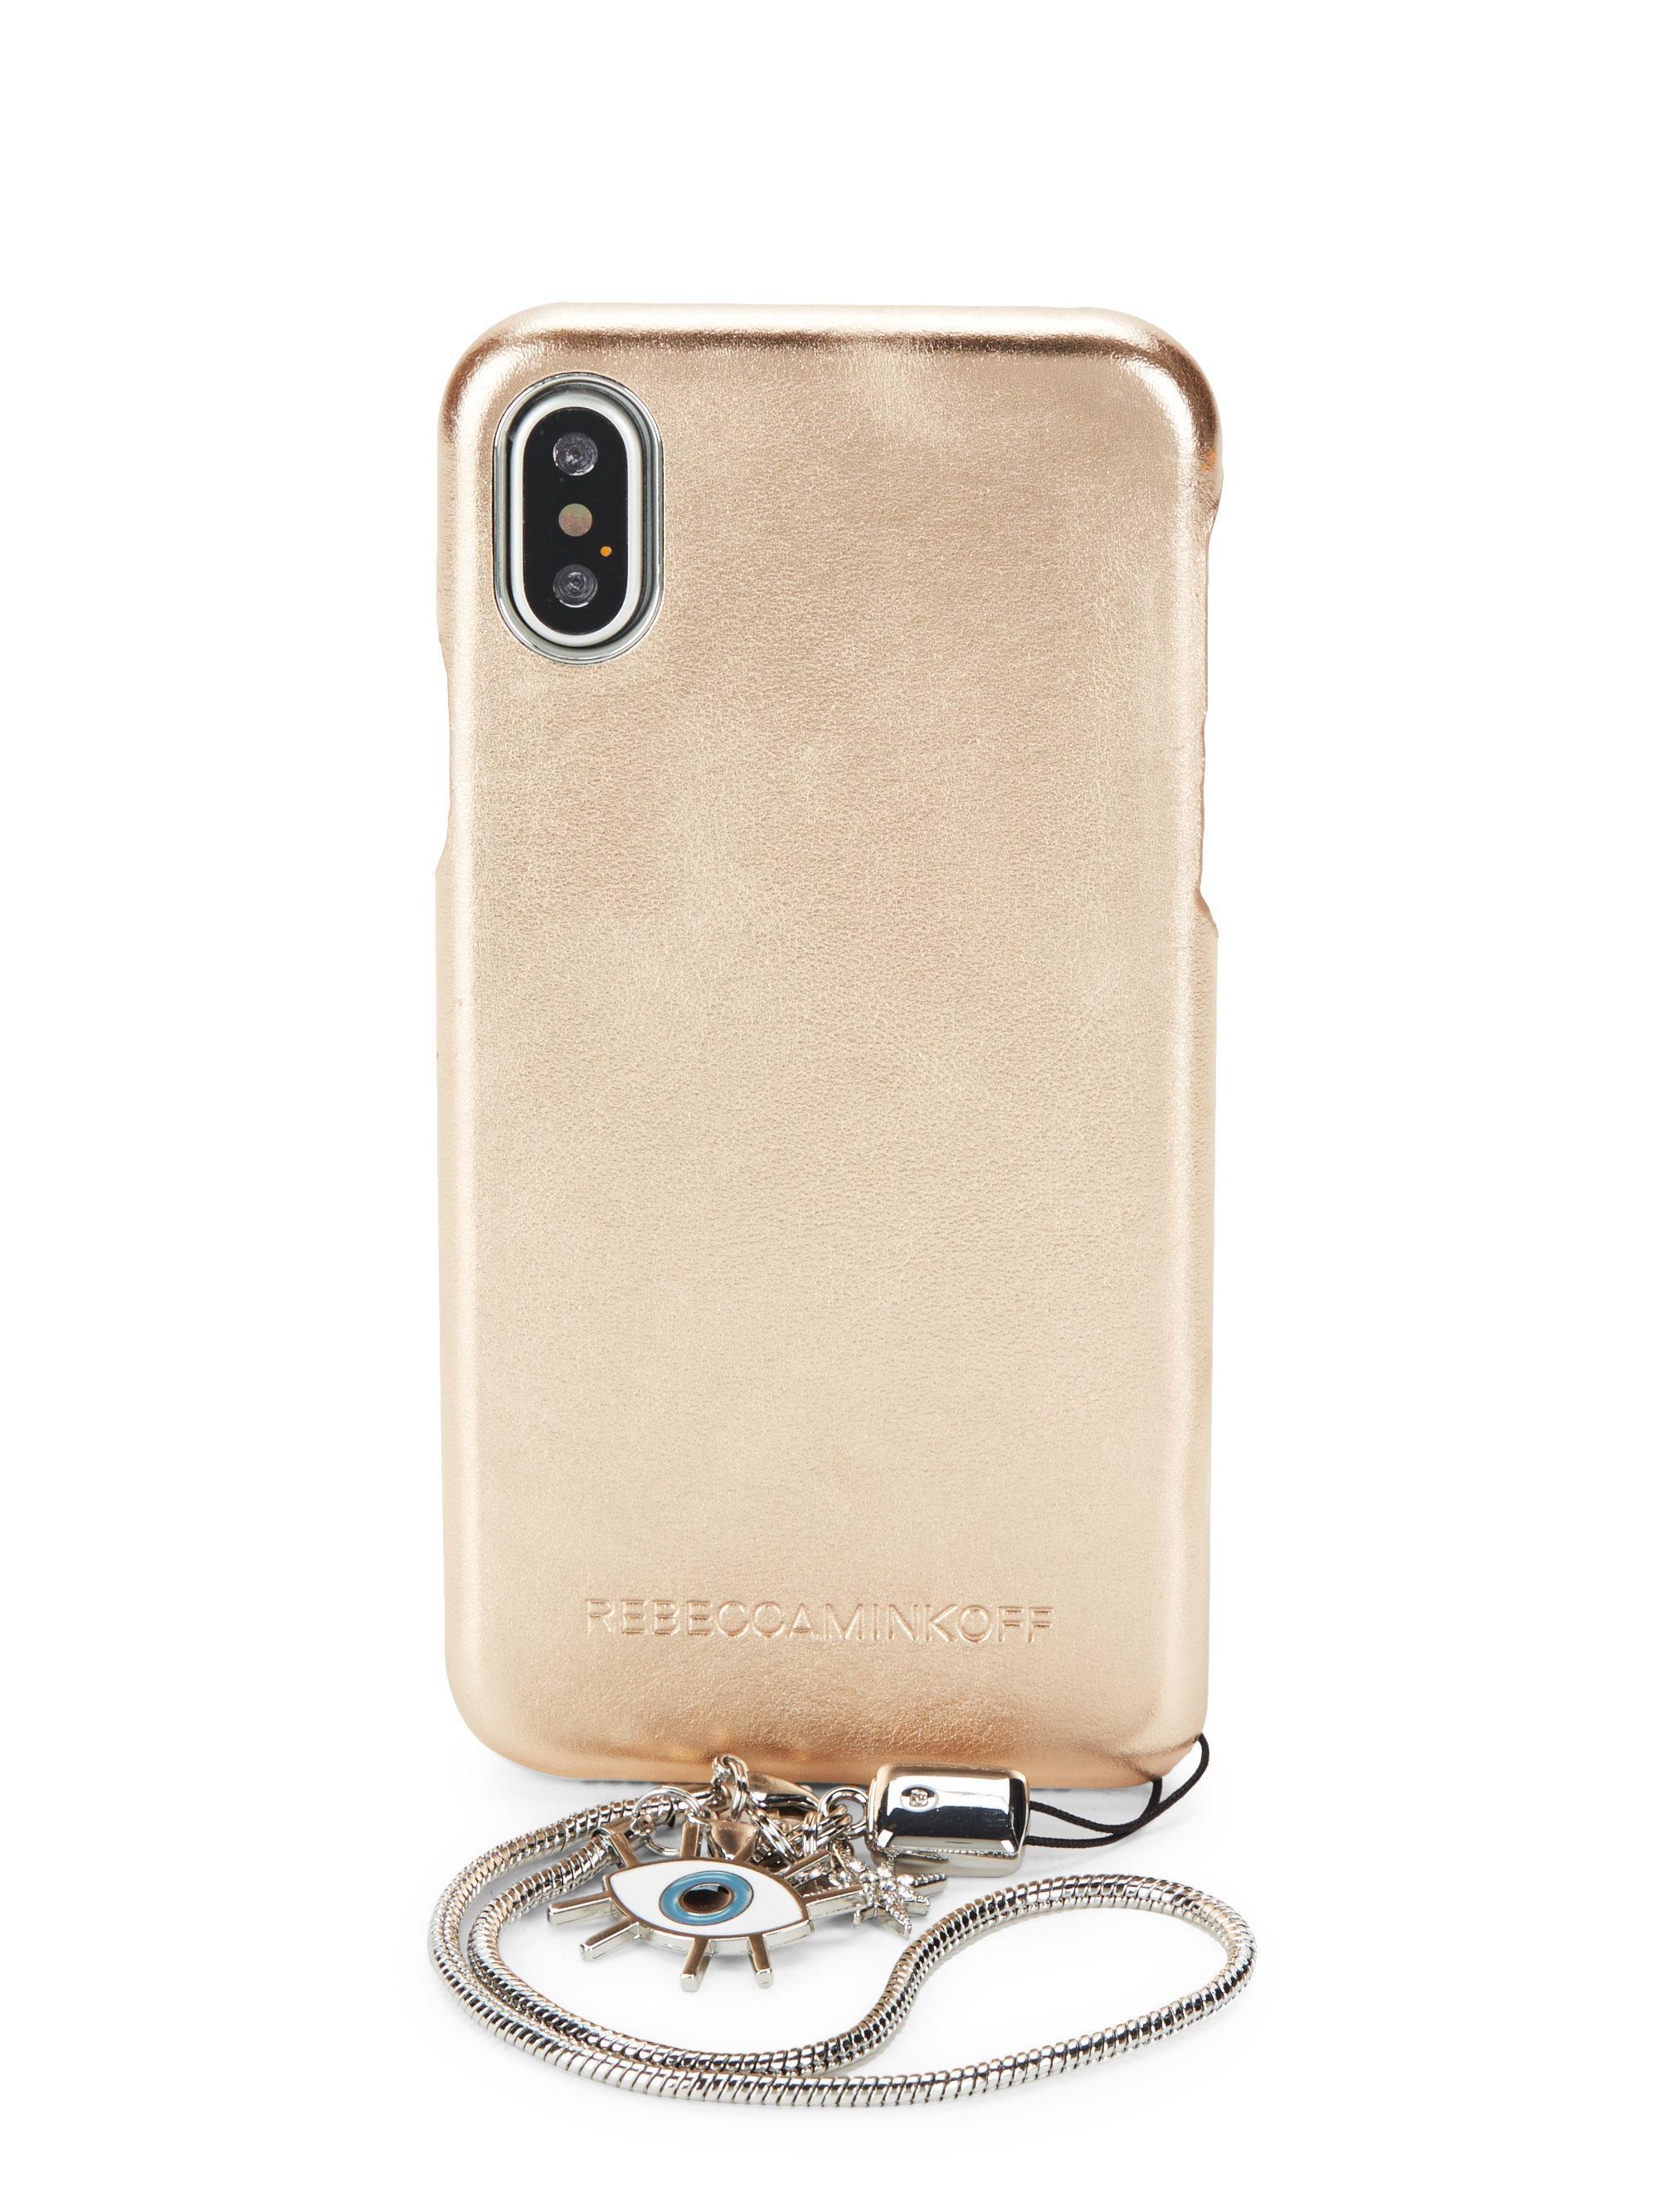 Rebecca Minkoff Iphone Case  Plus